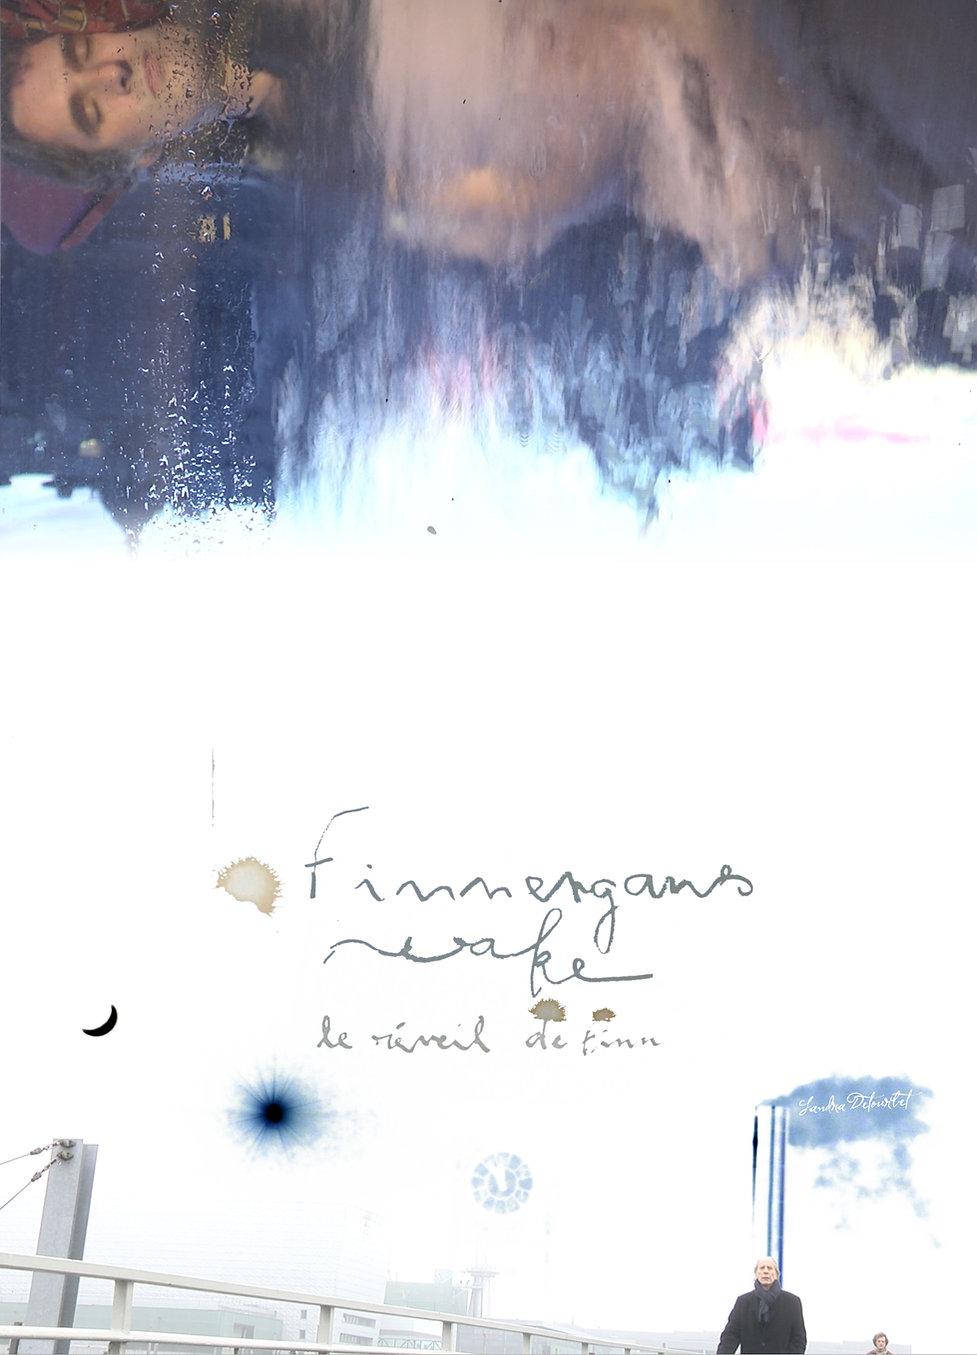 Finnengan's wake AFFICHE.jpg